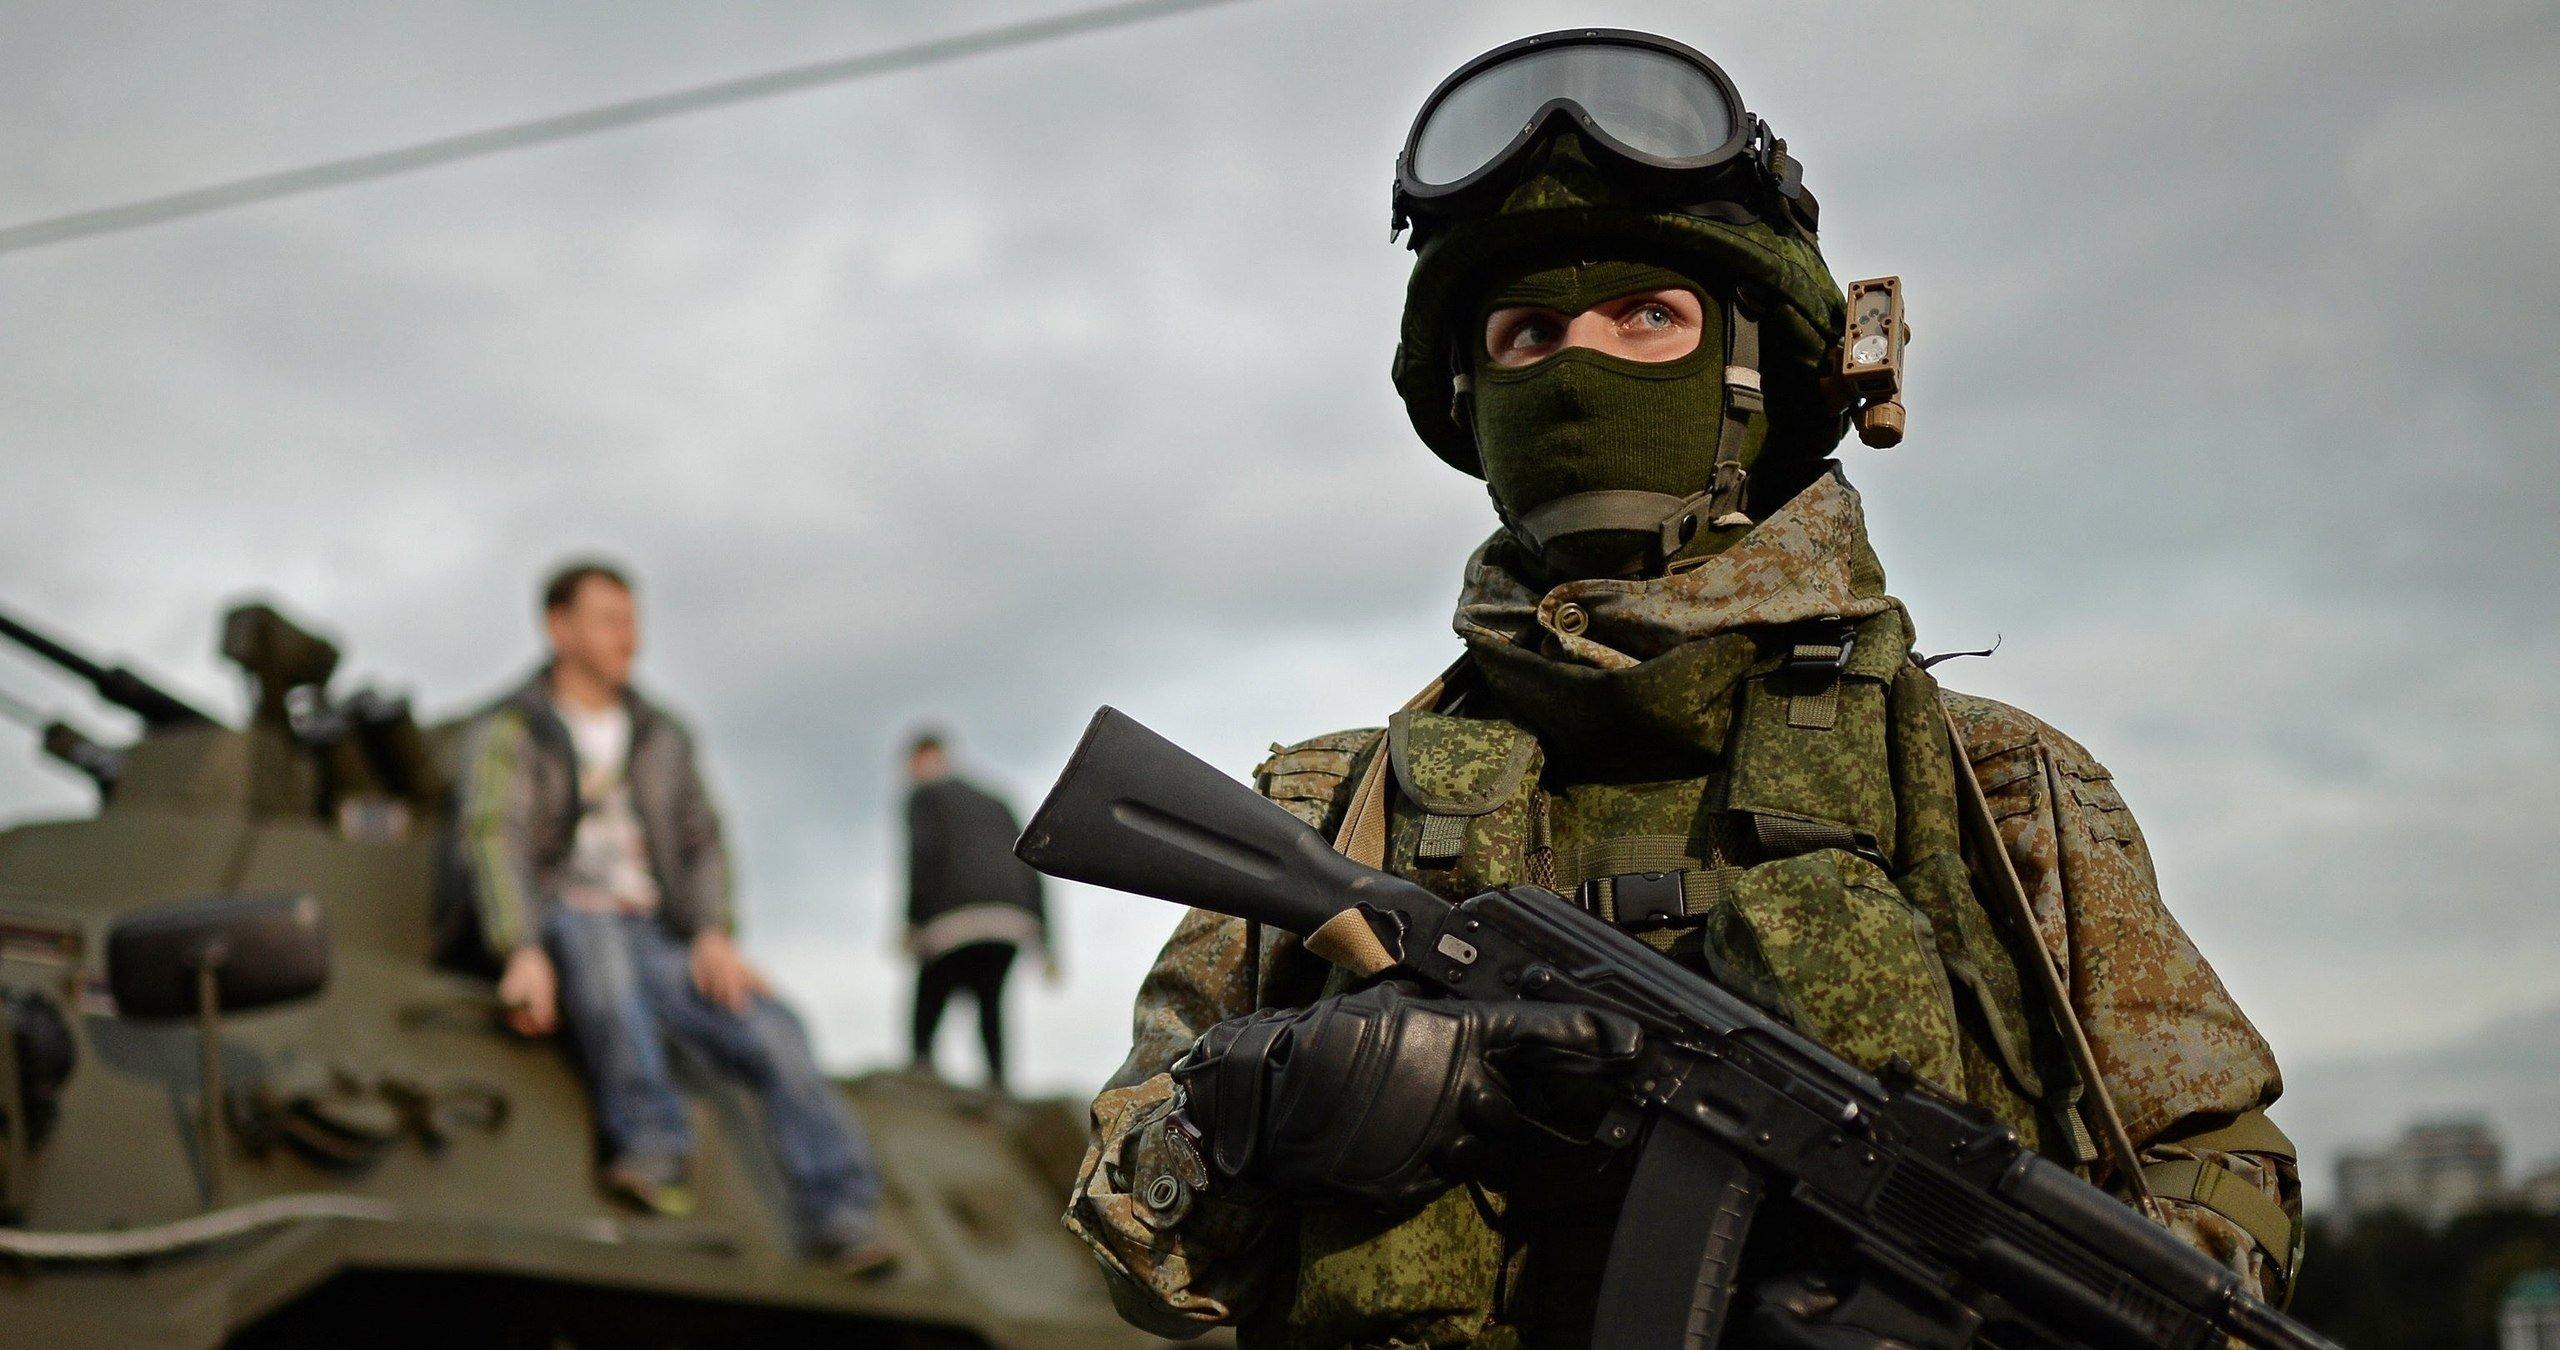 картинка военного россии сама усадьба